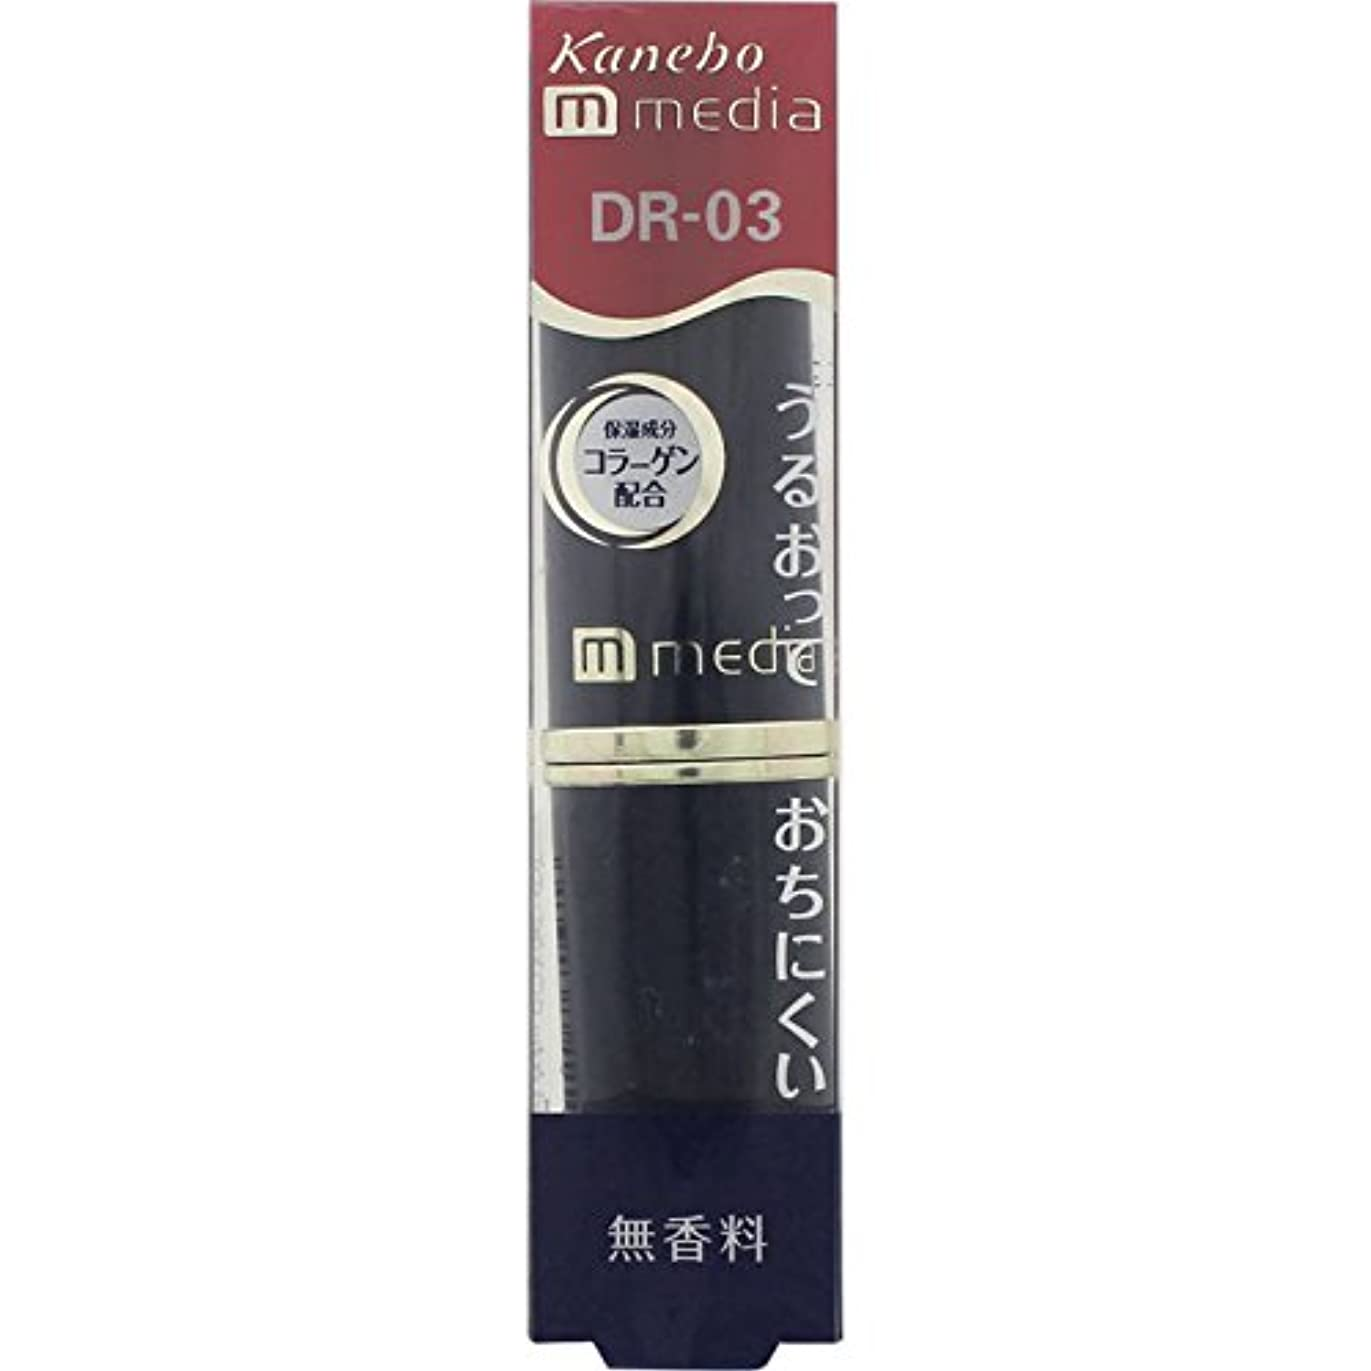 中級不安経営者カネボウ メディア(media)クリ-ミィラスティングリツプA カラー:DR-03